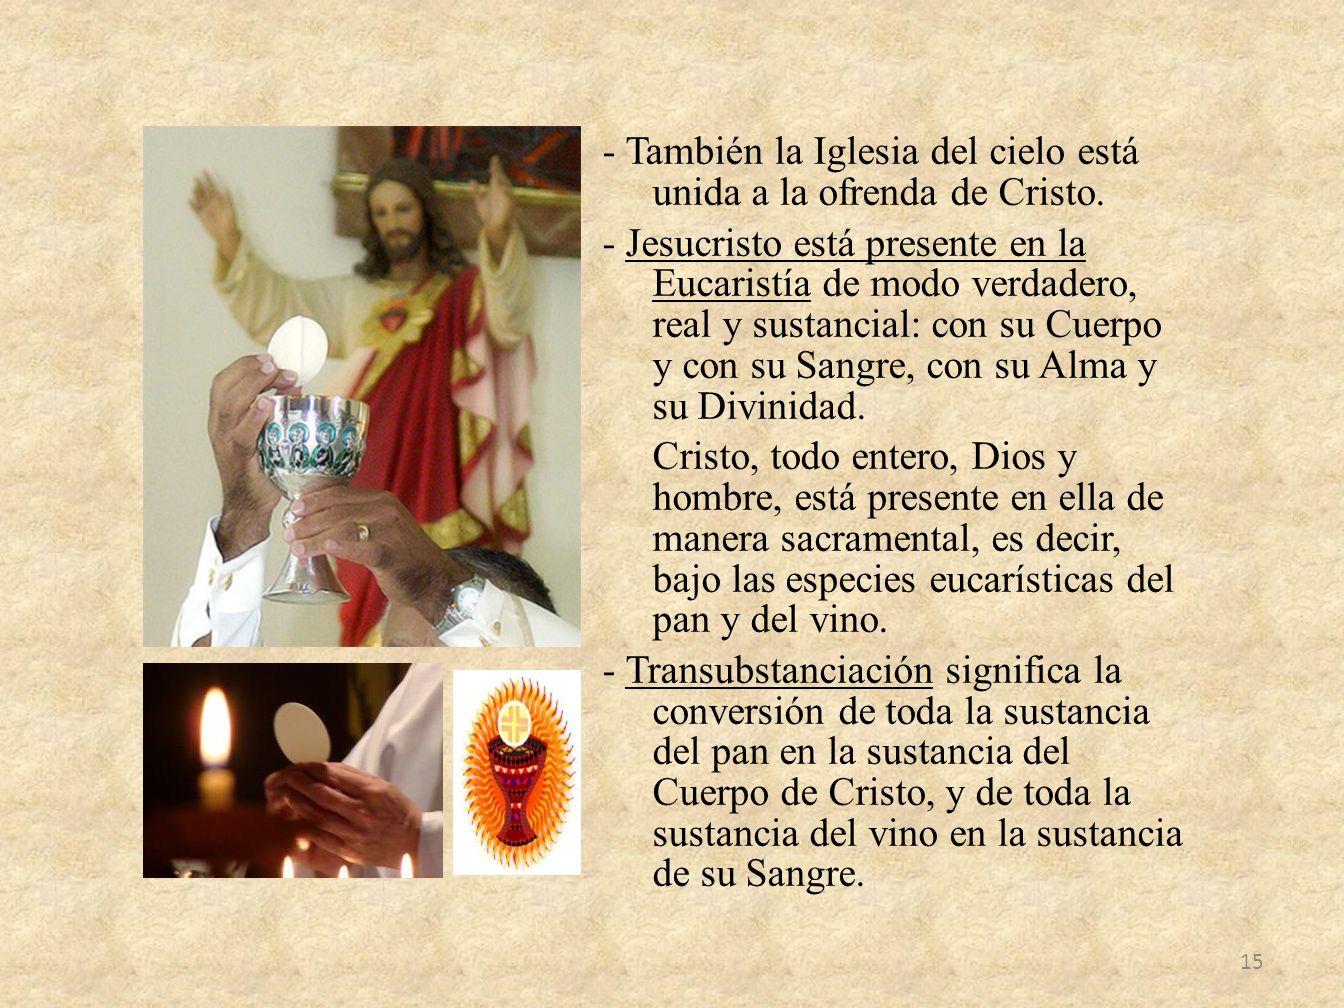 - También la Iglesia del cielo está unida a la ofrenda de Cristo